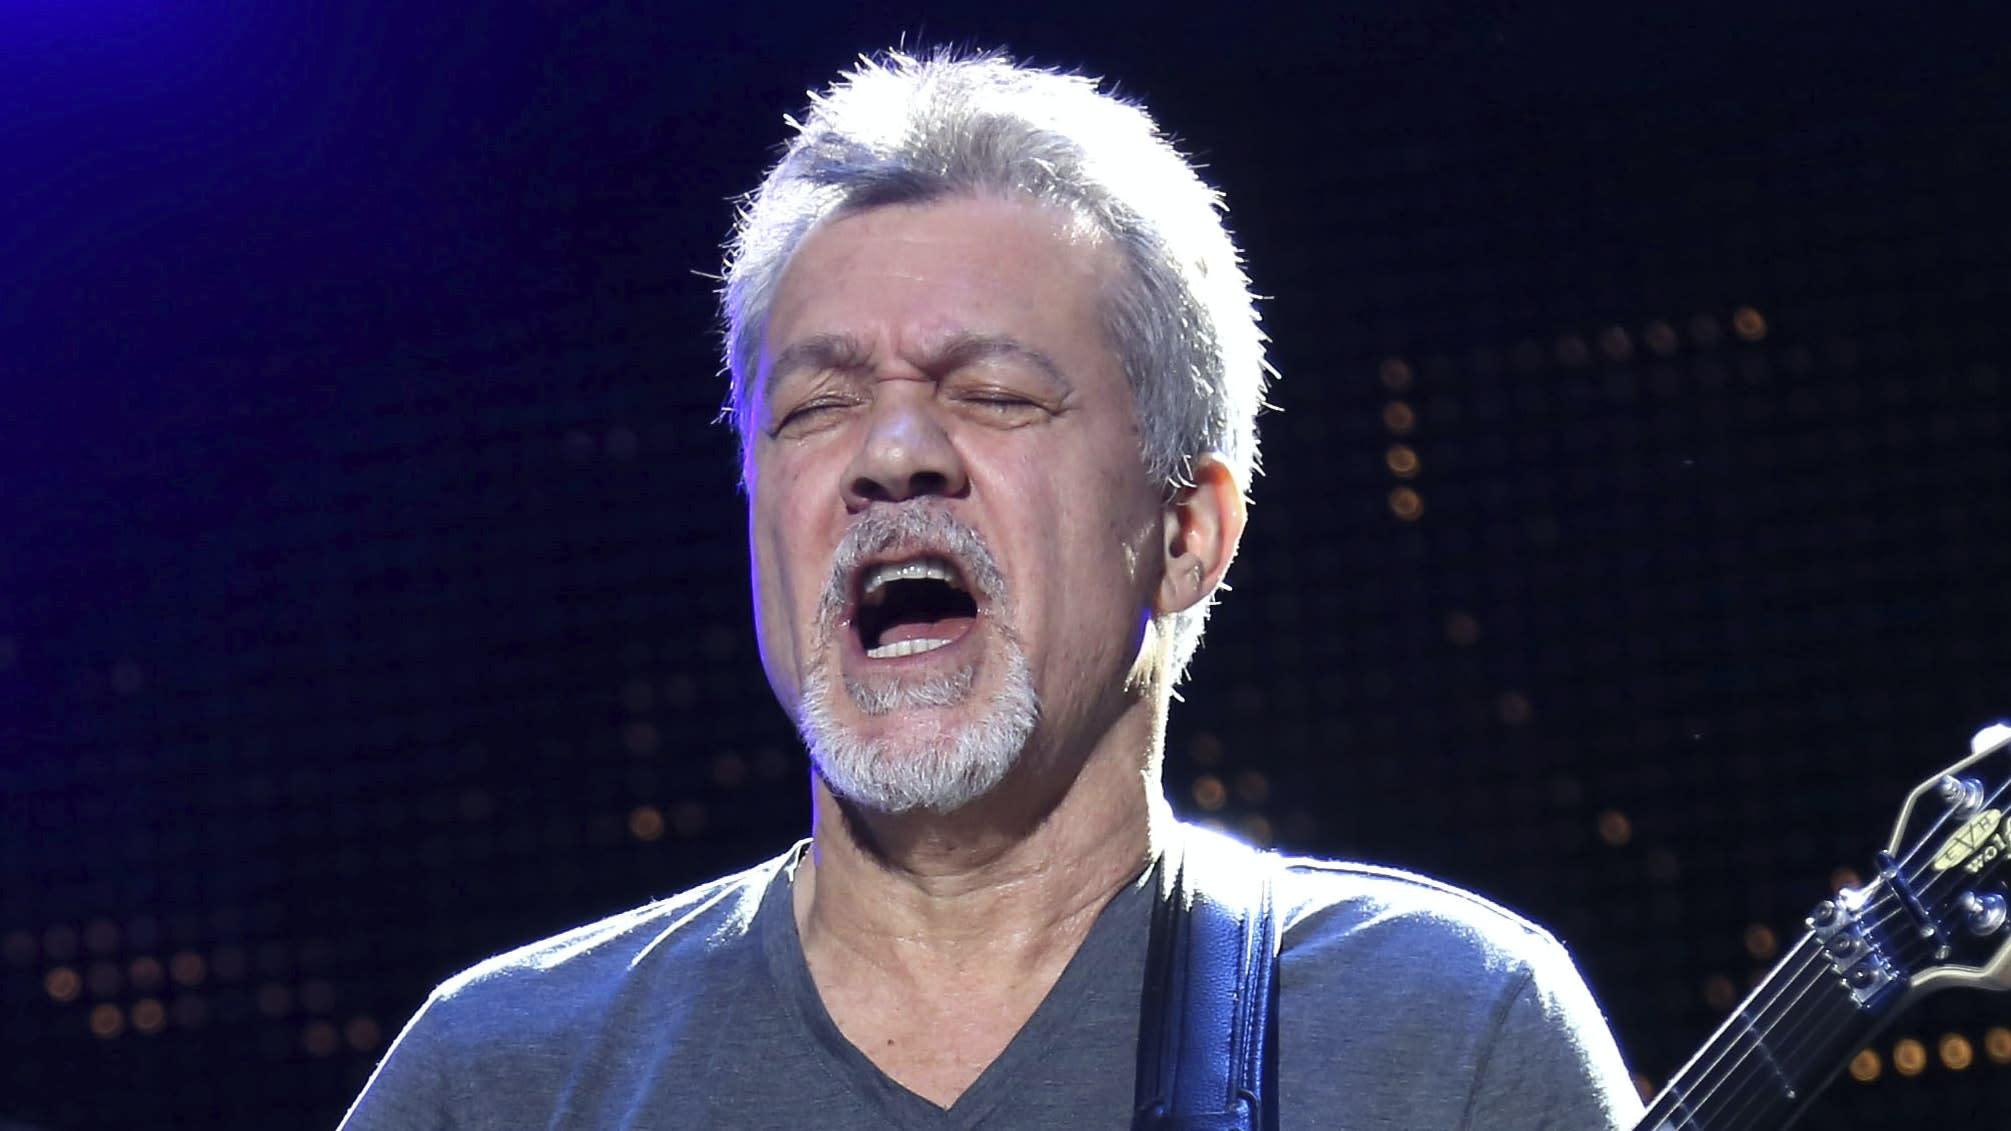 Eddie Van Halen's son shares touching tribute one month after rocker's death